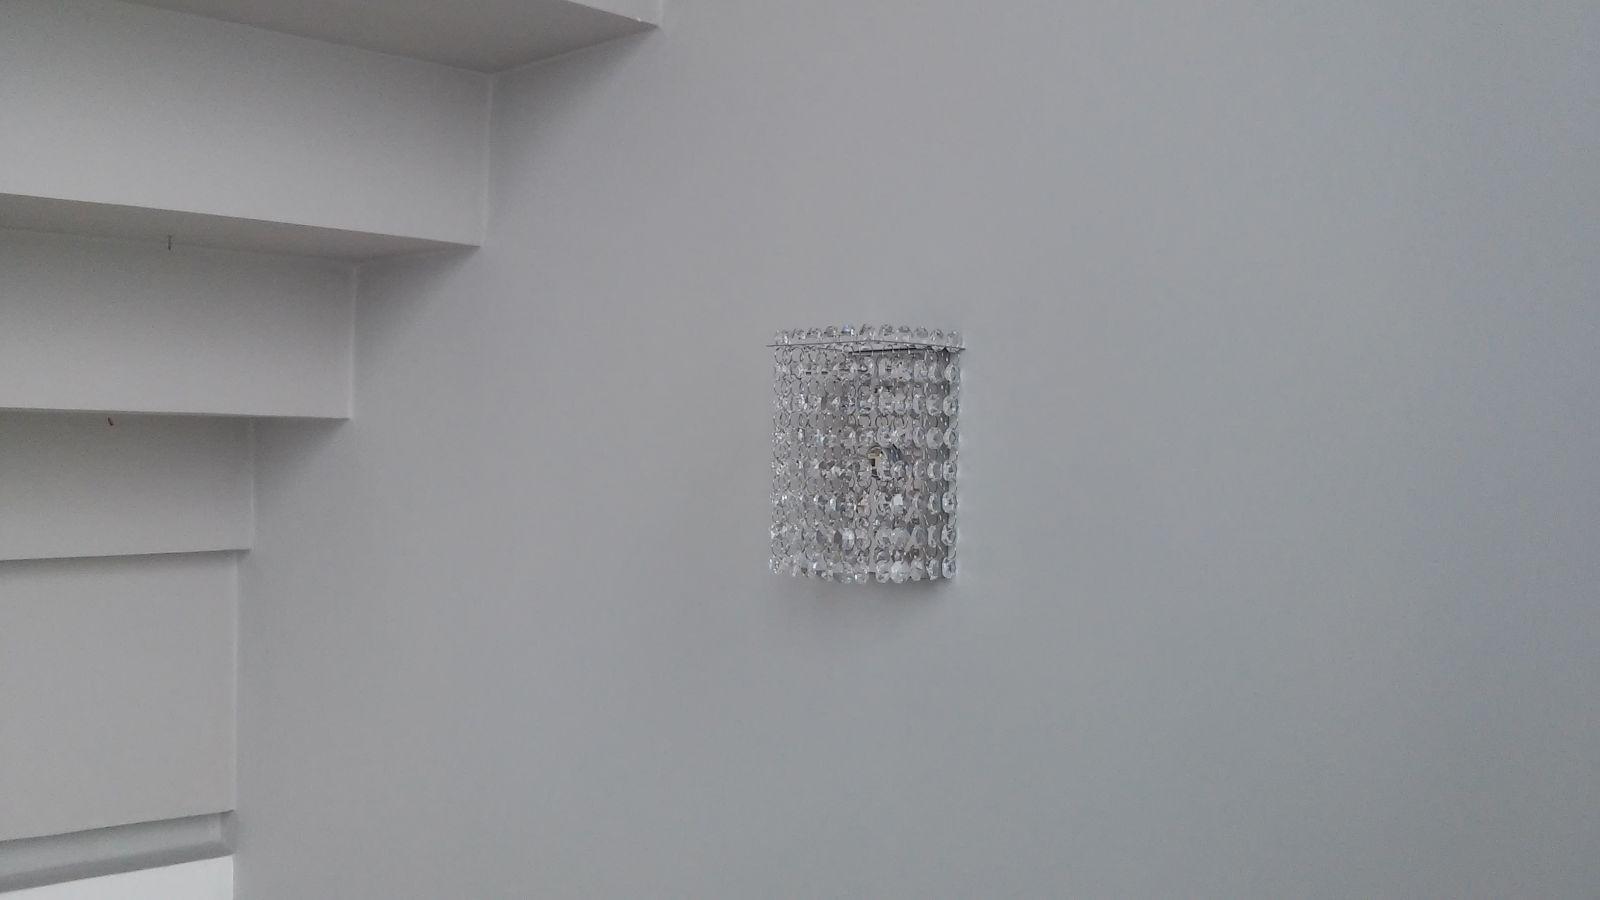 Arandela de Cristal Legitimo Quarto Sala Escada Corredor Lavabo Espelho Painel Cabeceira De Cama Living Hall Entrada AR701M